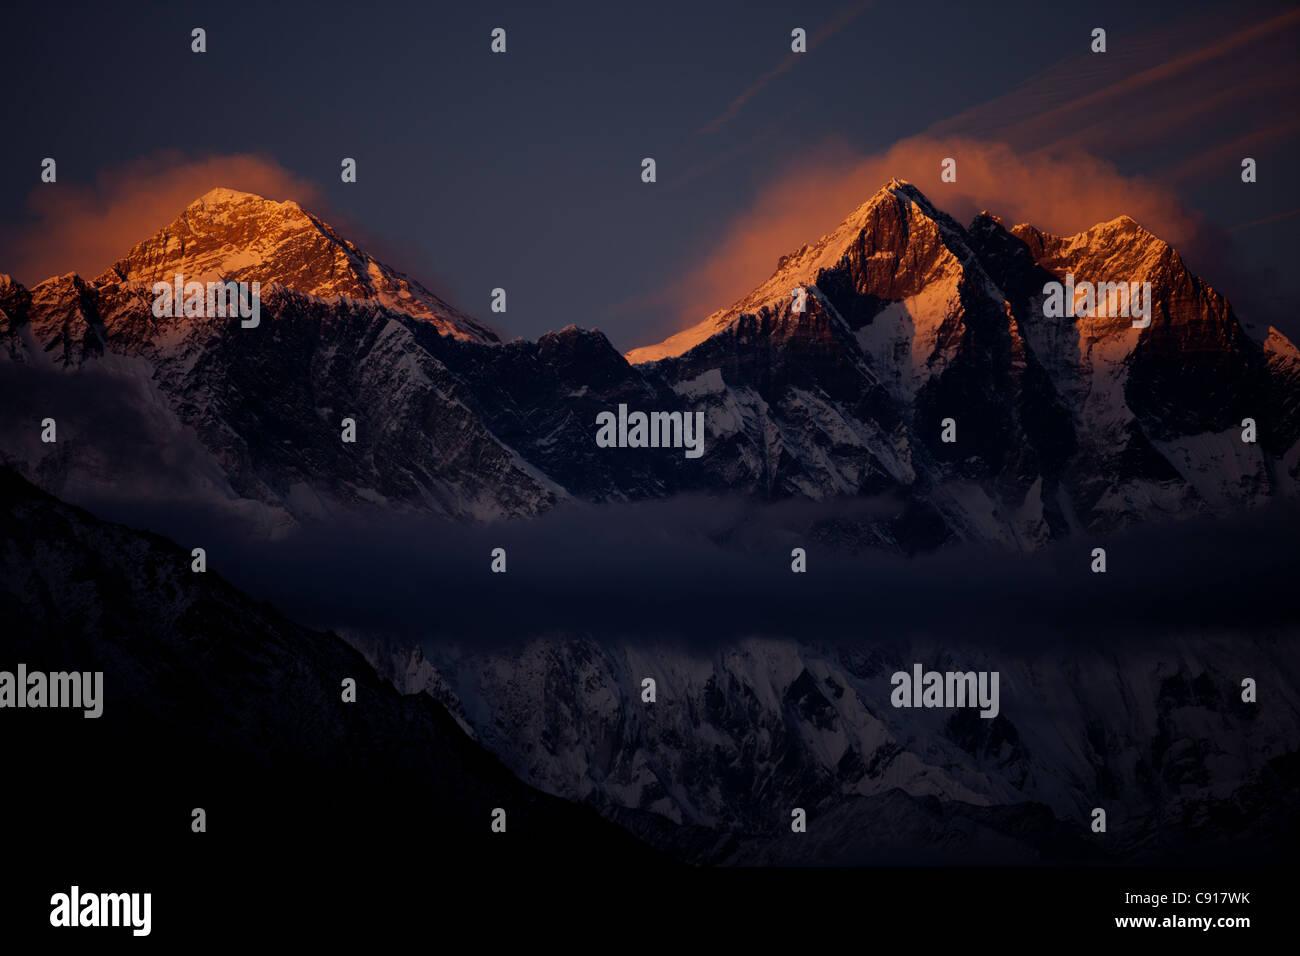 Sunset over Mount Everest, Sagarmatha National Park, Nepal - Stock Image